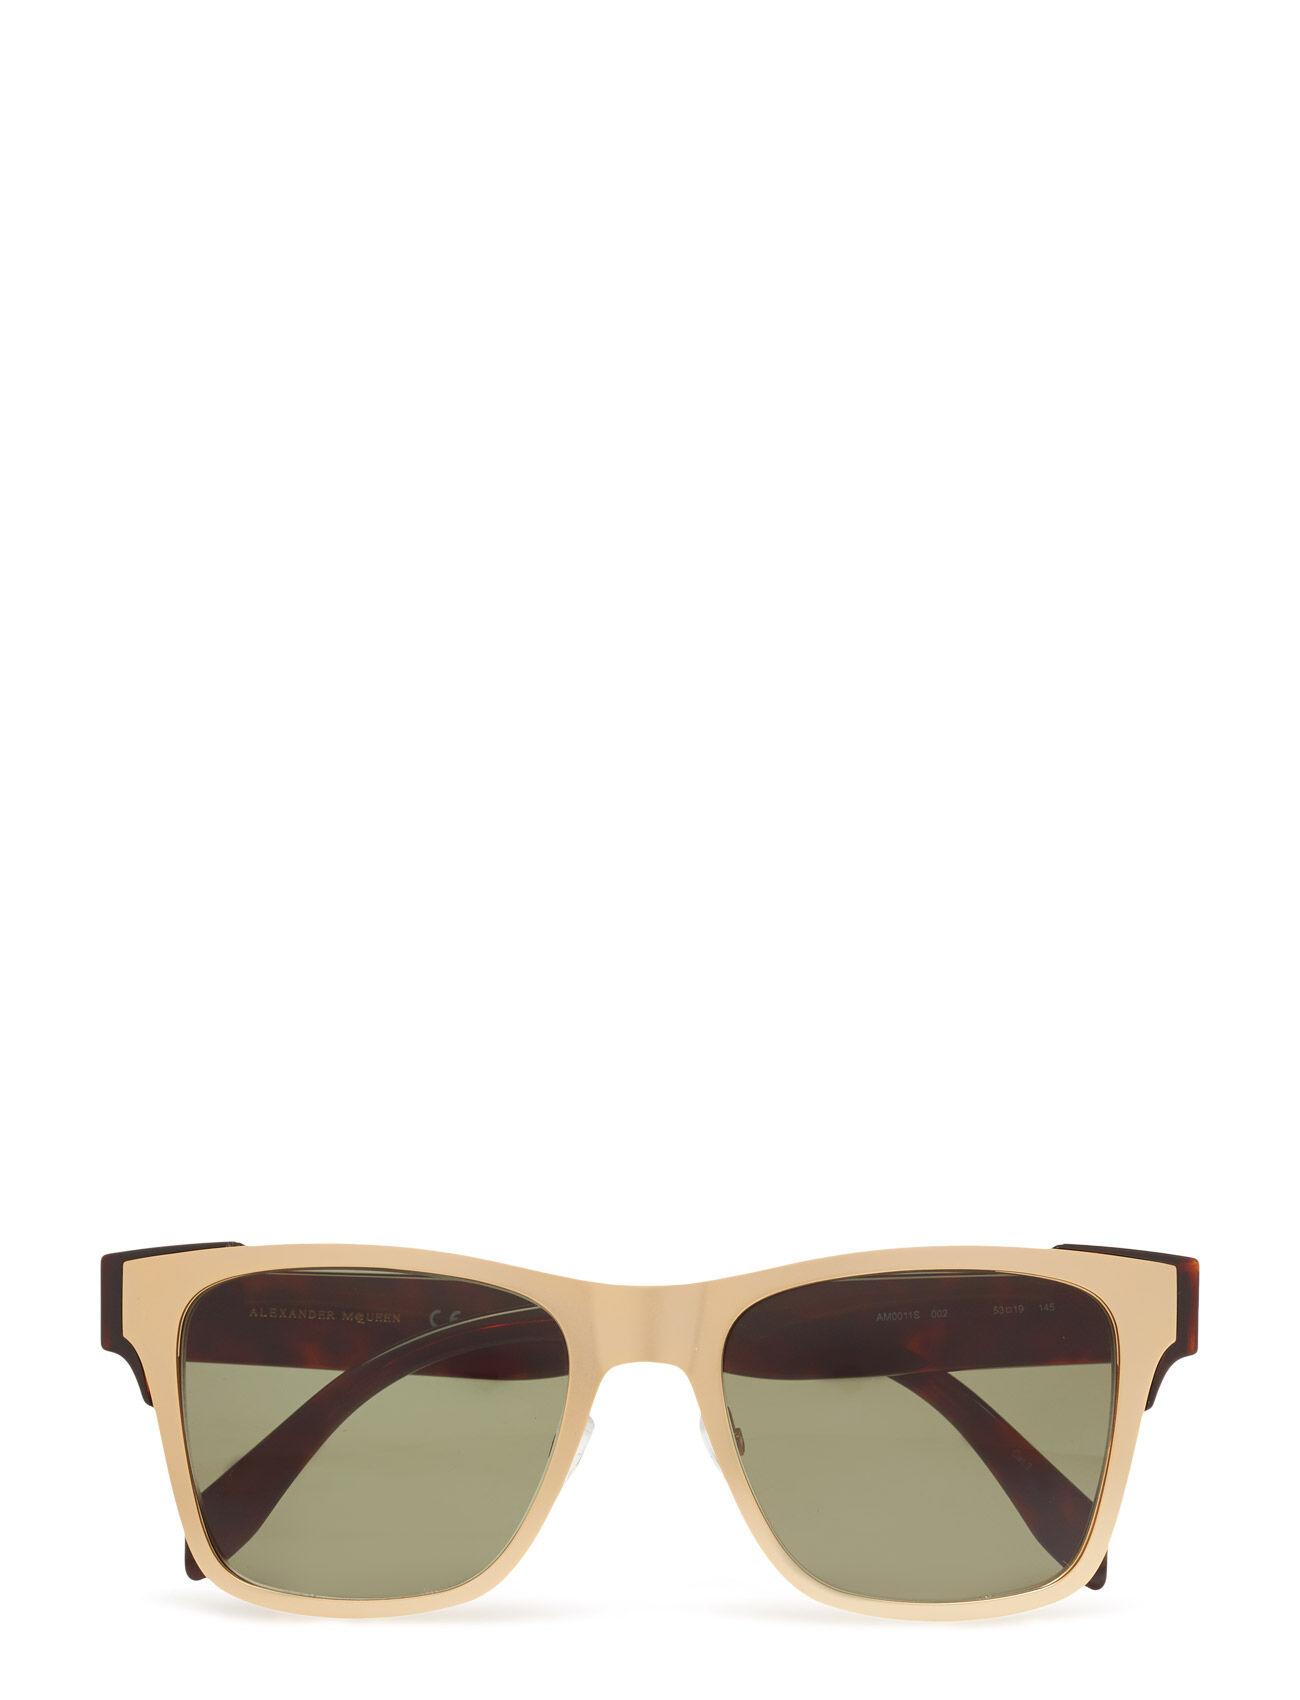 Alexander McQueen Eyewear Am0011s